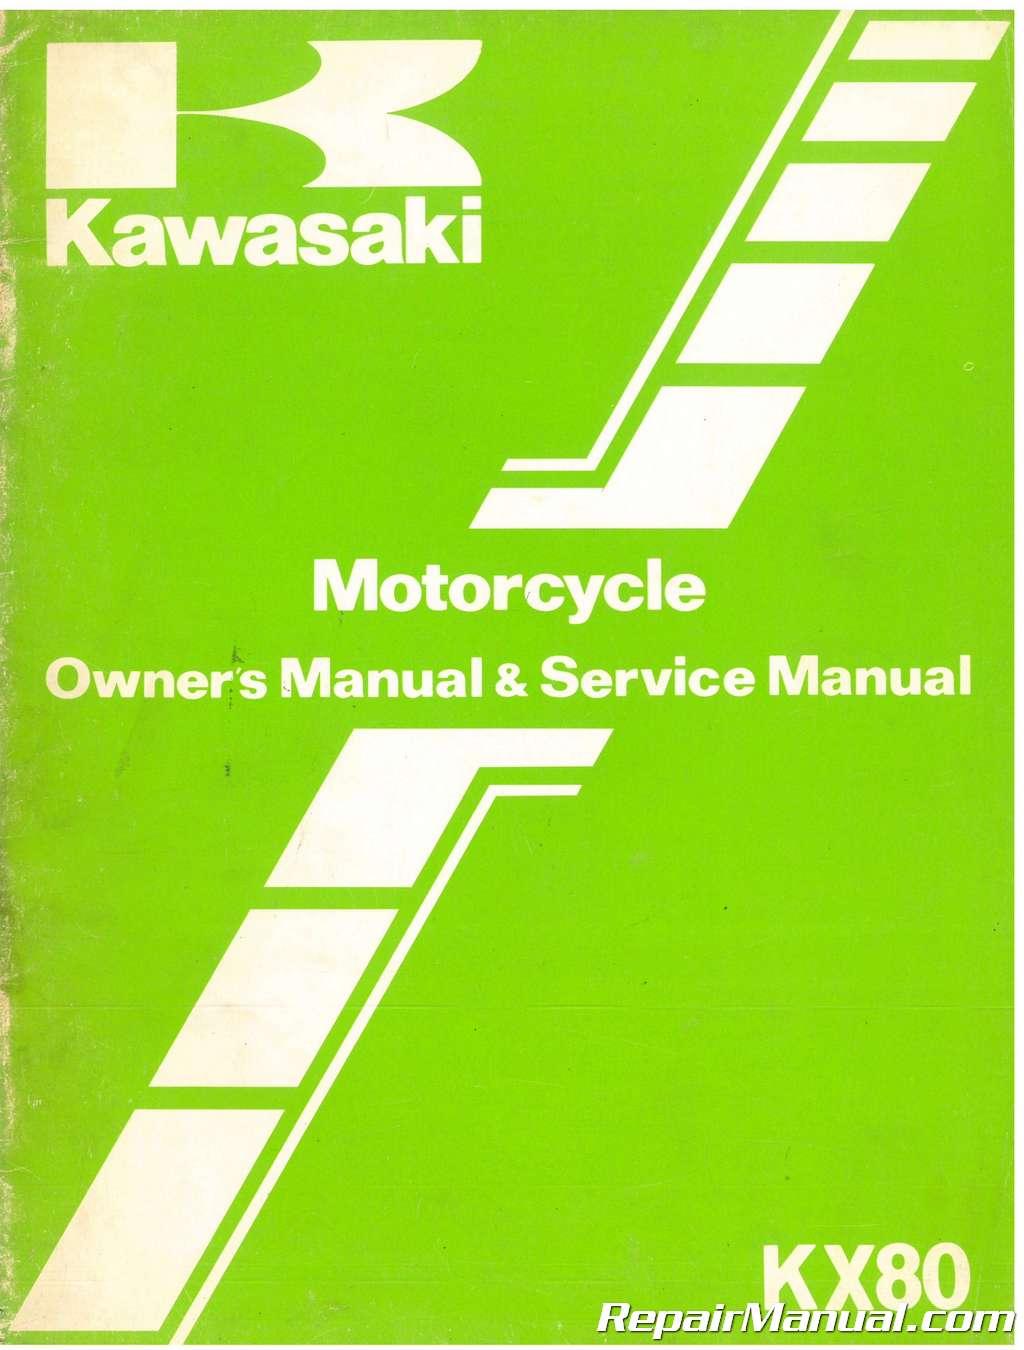 Used 1982 Kawasaki KX80 Motorcycle Owners Service Manual Kawasaki Kx Wiring Diagram on